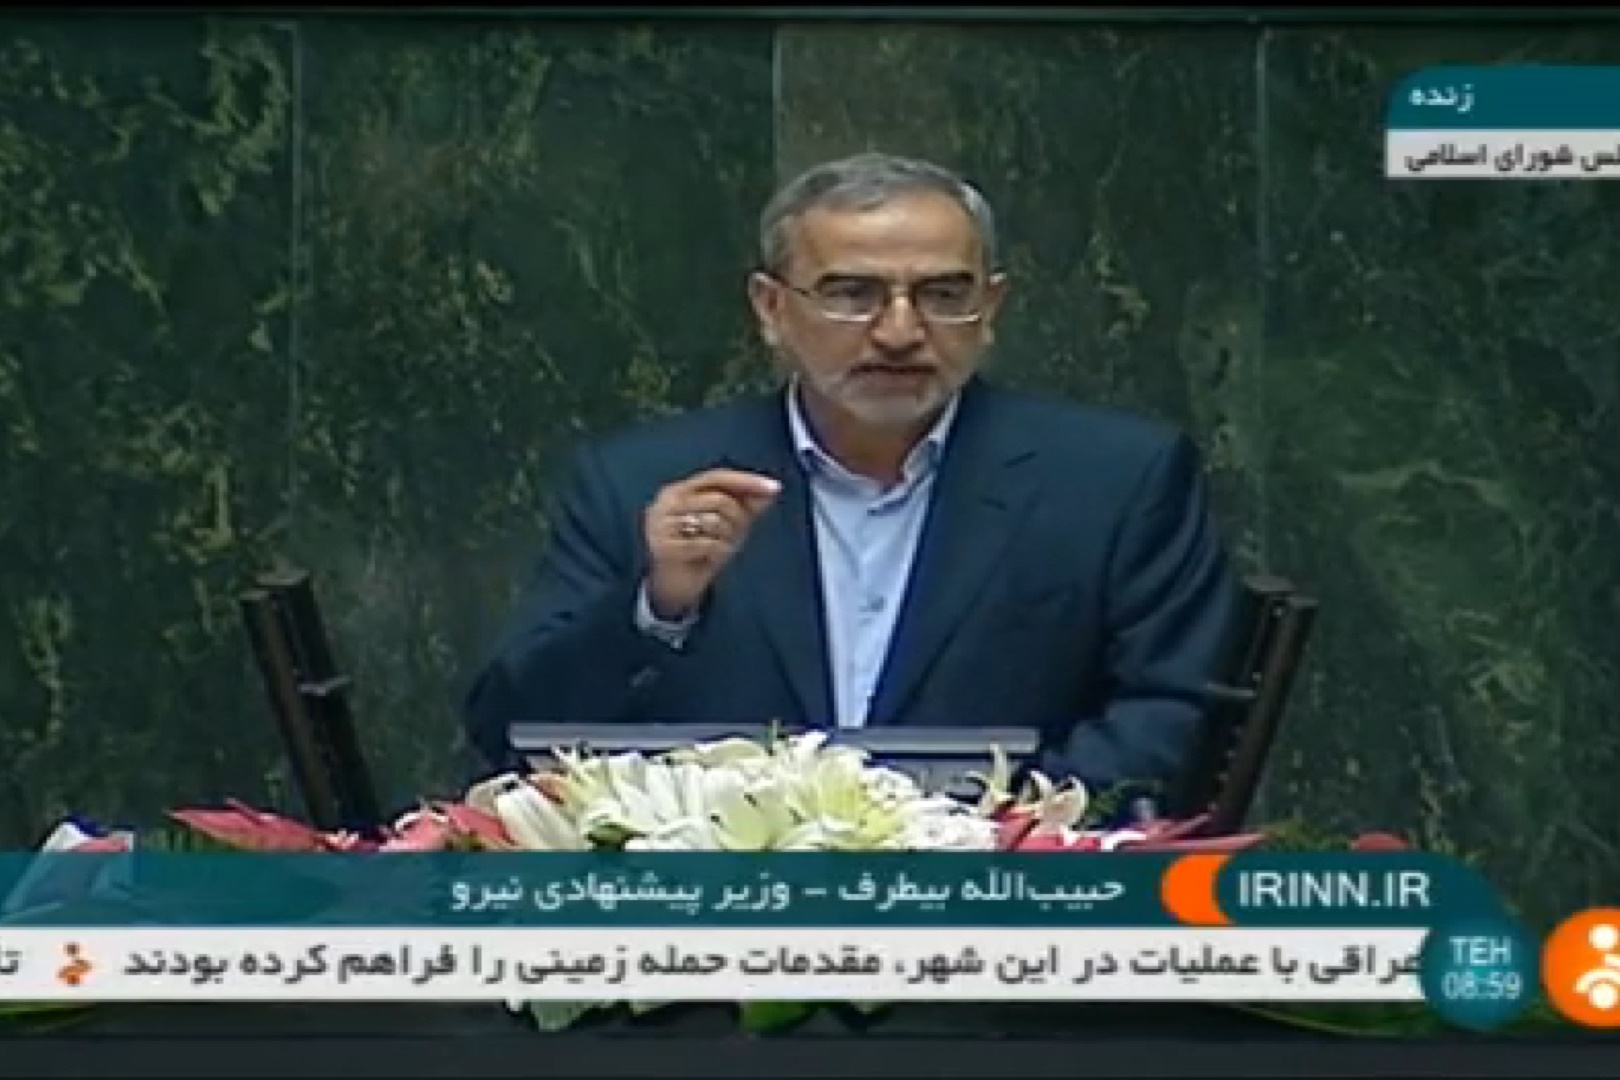 فیلم | بیطرف: در ایران یک مورد هم خسارت شکست سد نداشتهایم